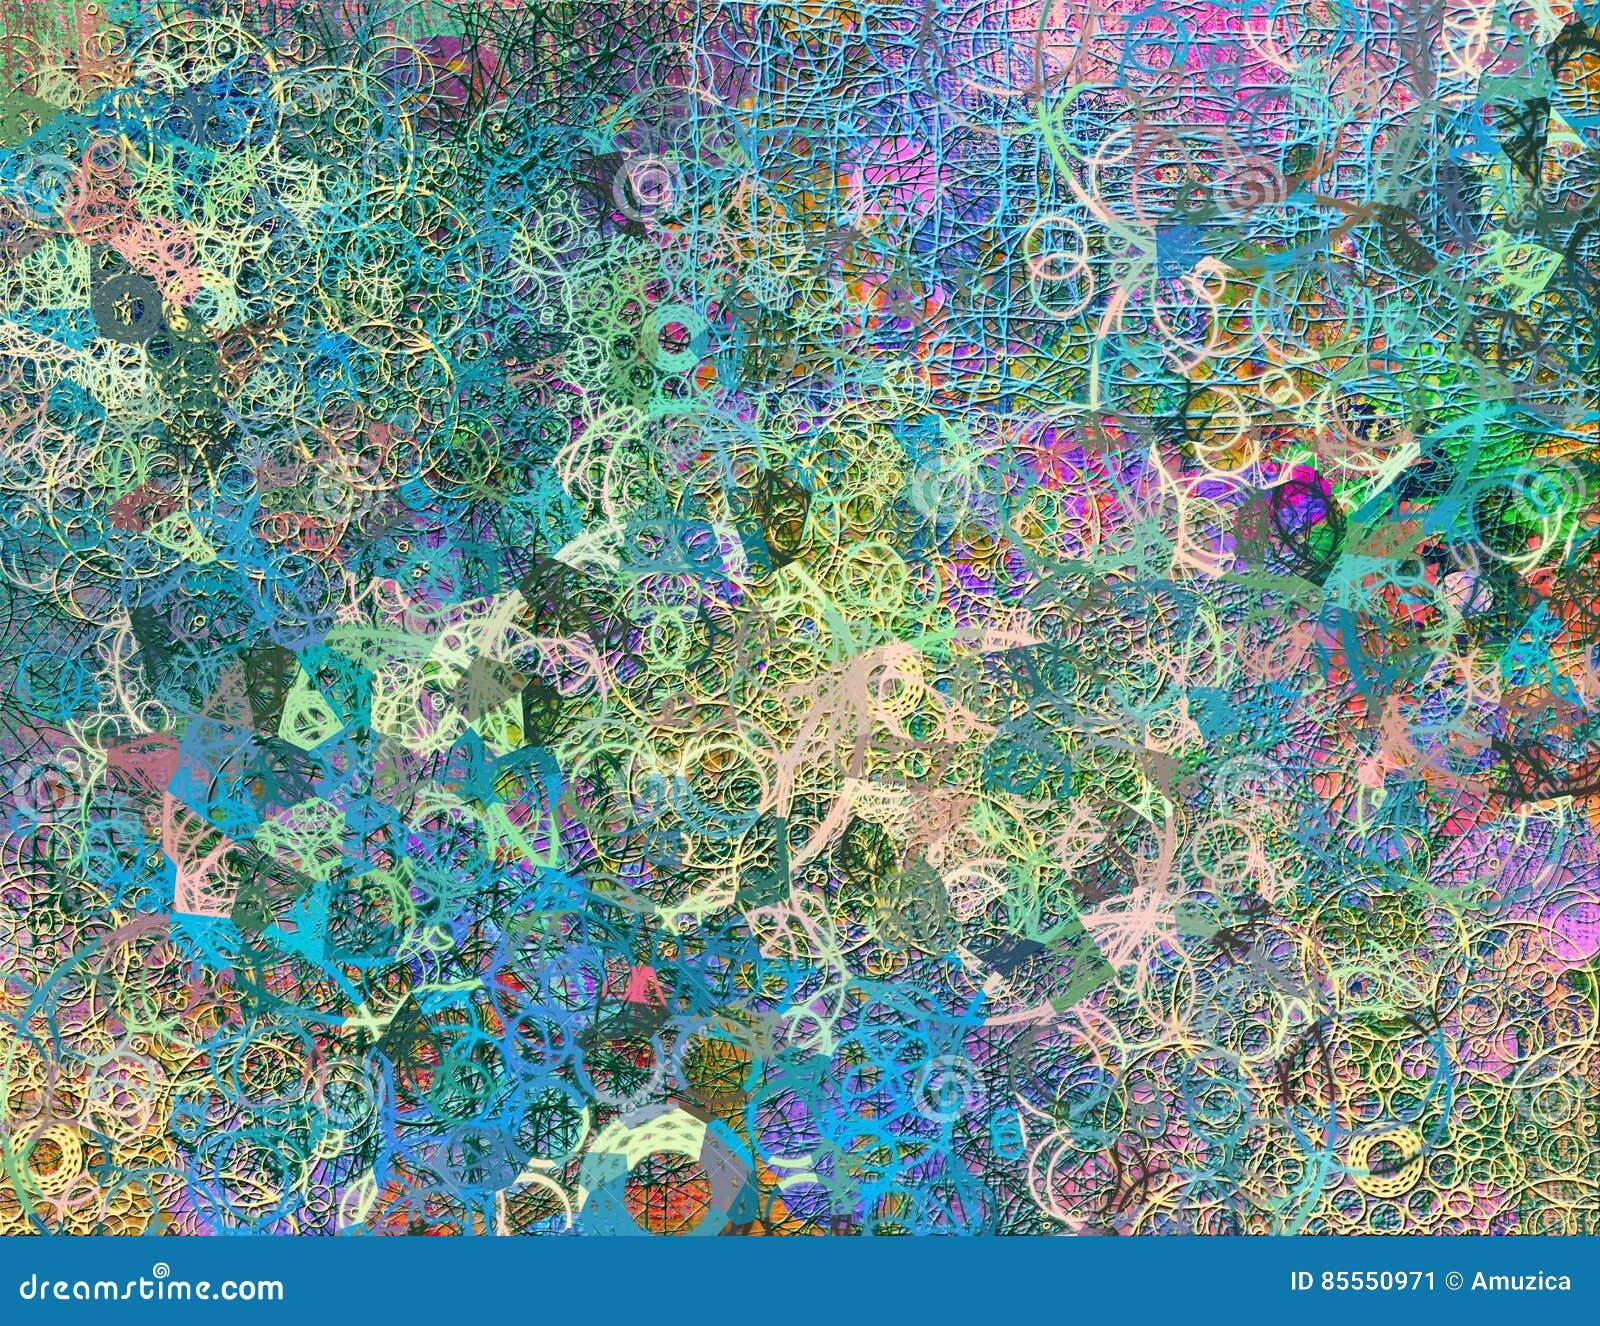 Abstraktes nahtloses Muster mit chaotischer Linie und verschiedenen Farbelementen